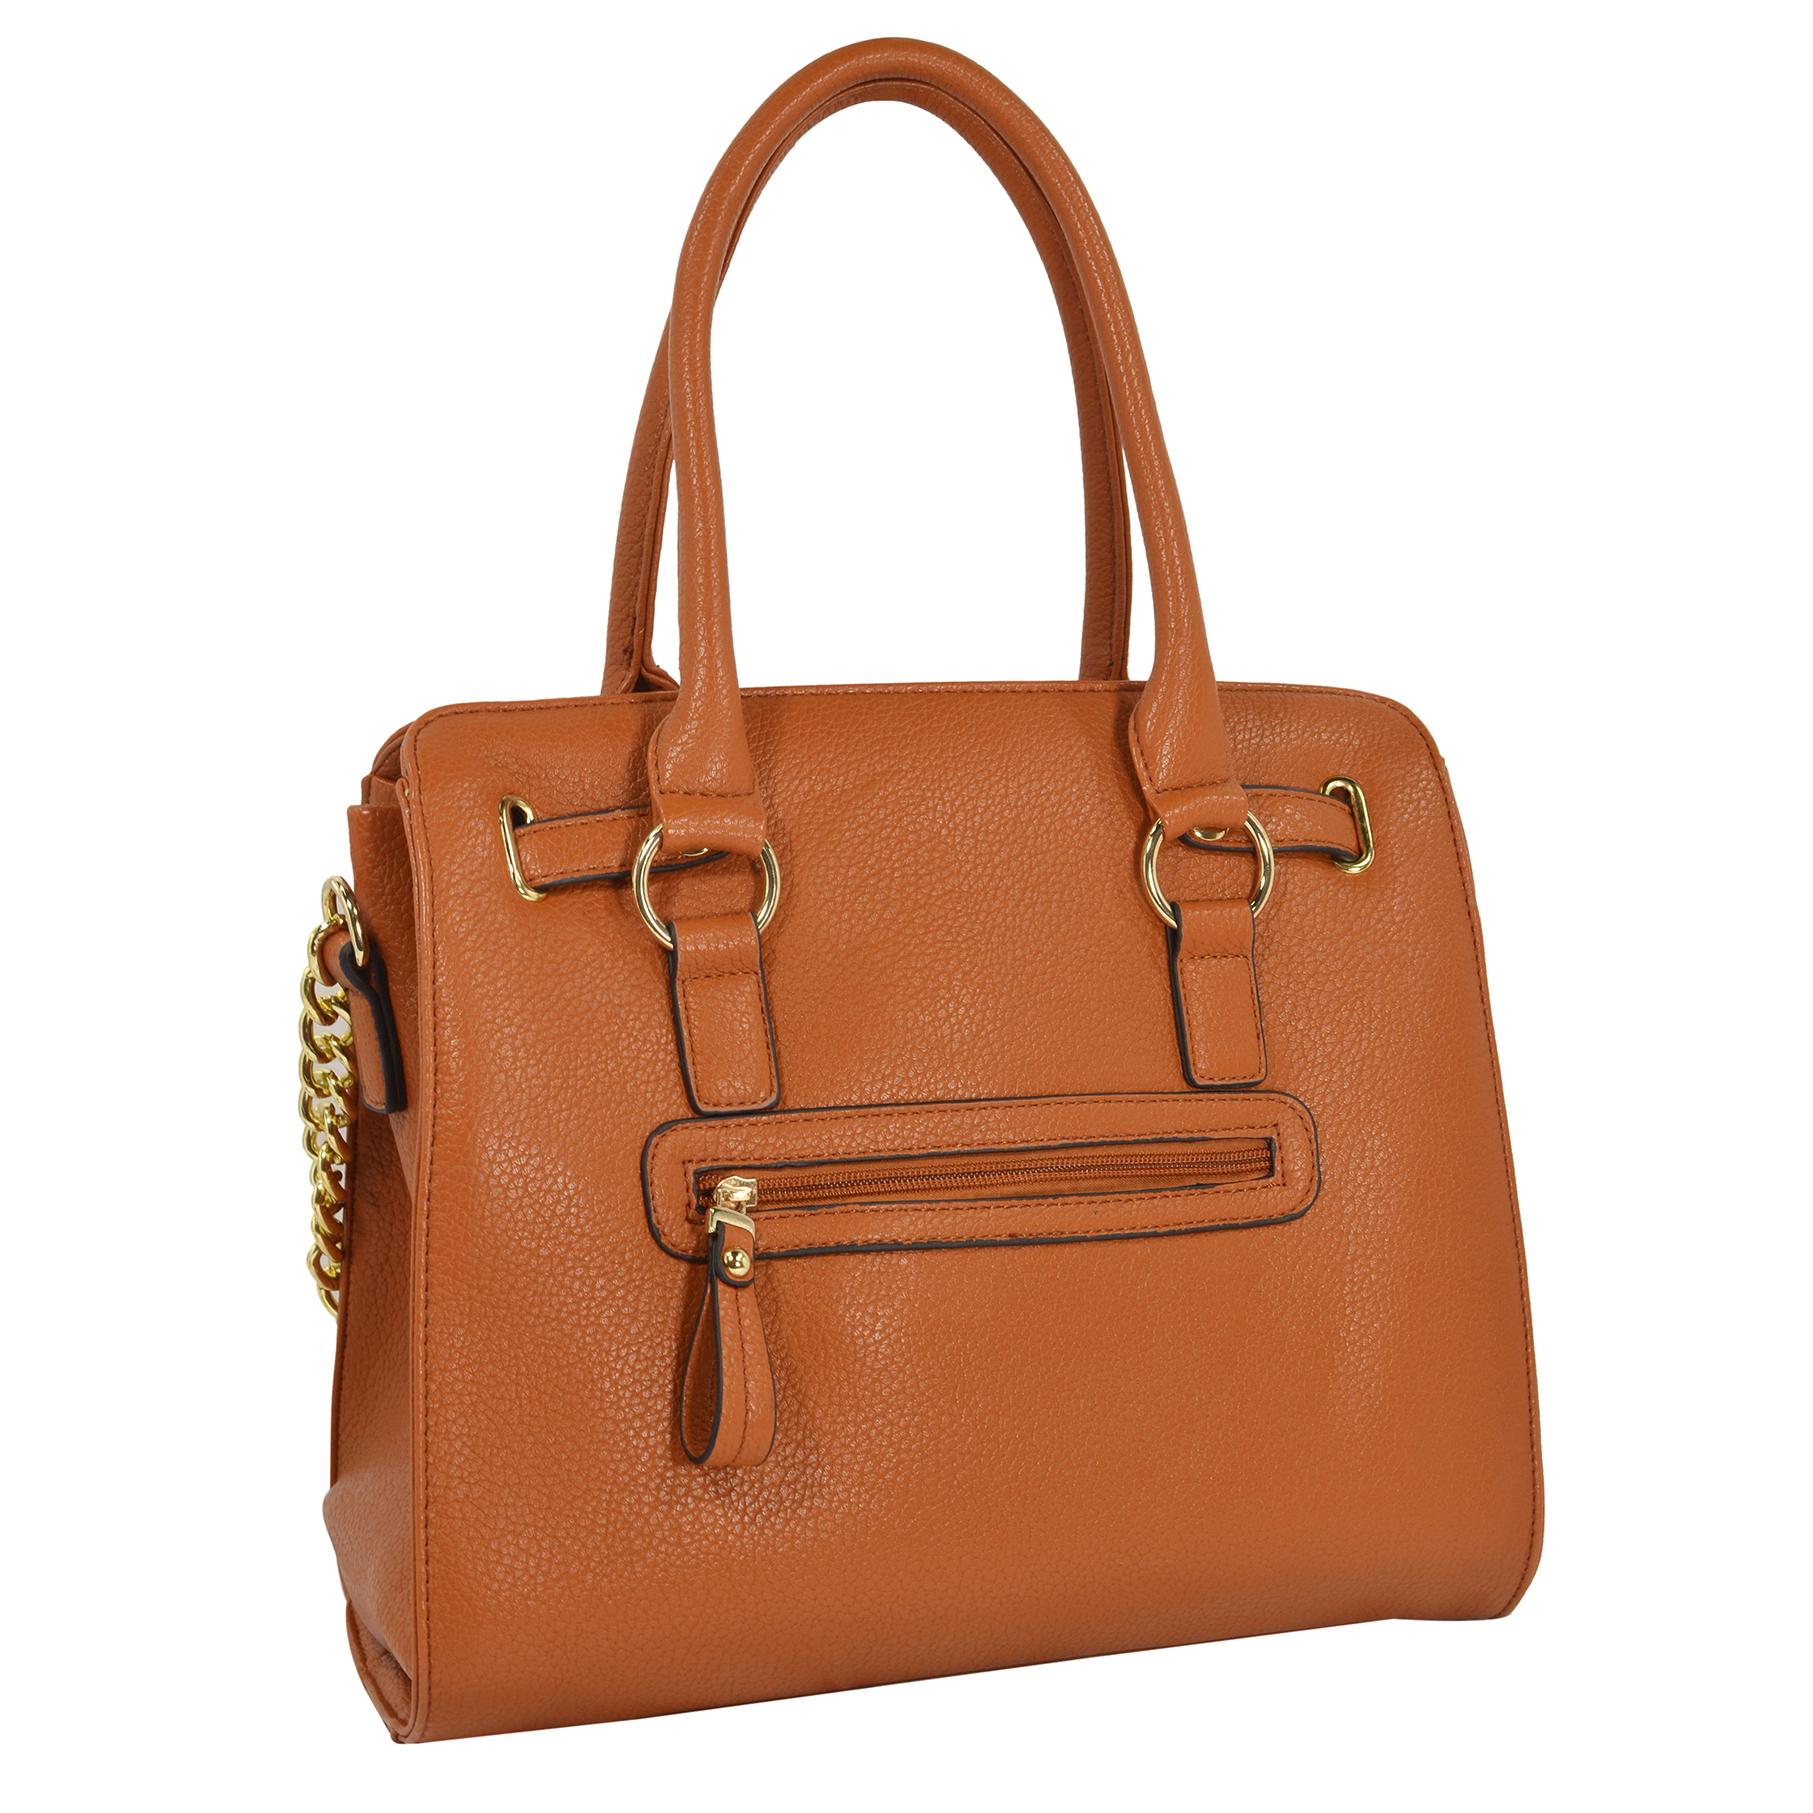 HALEY Brown Bowler Style Handbag Back